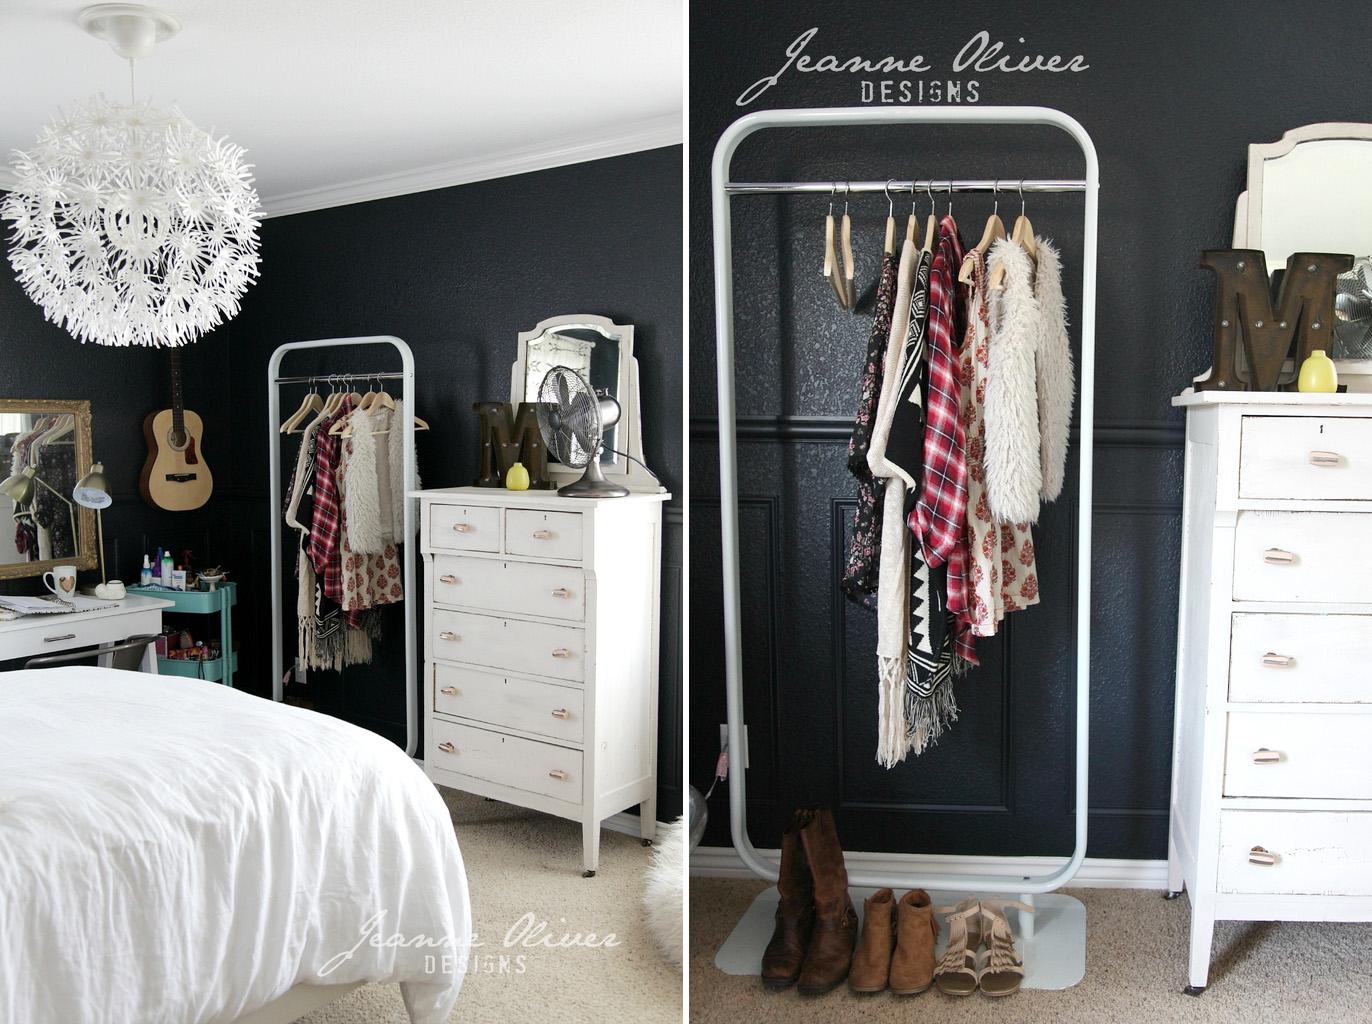 Idee per la camera di una ragazza shabby chic interiors for Idee per abbellire la camera